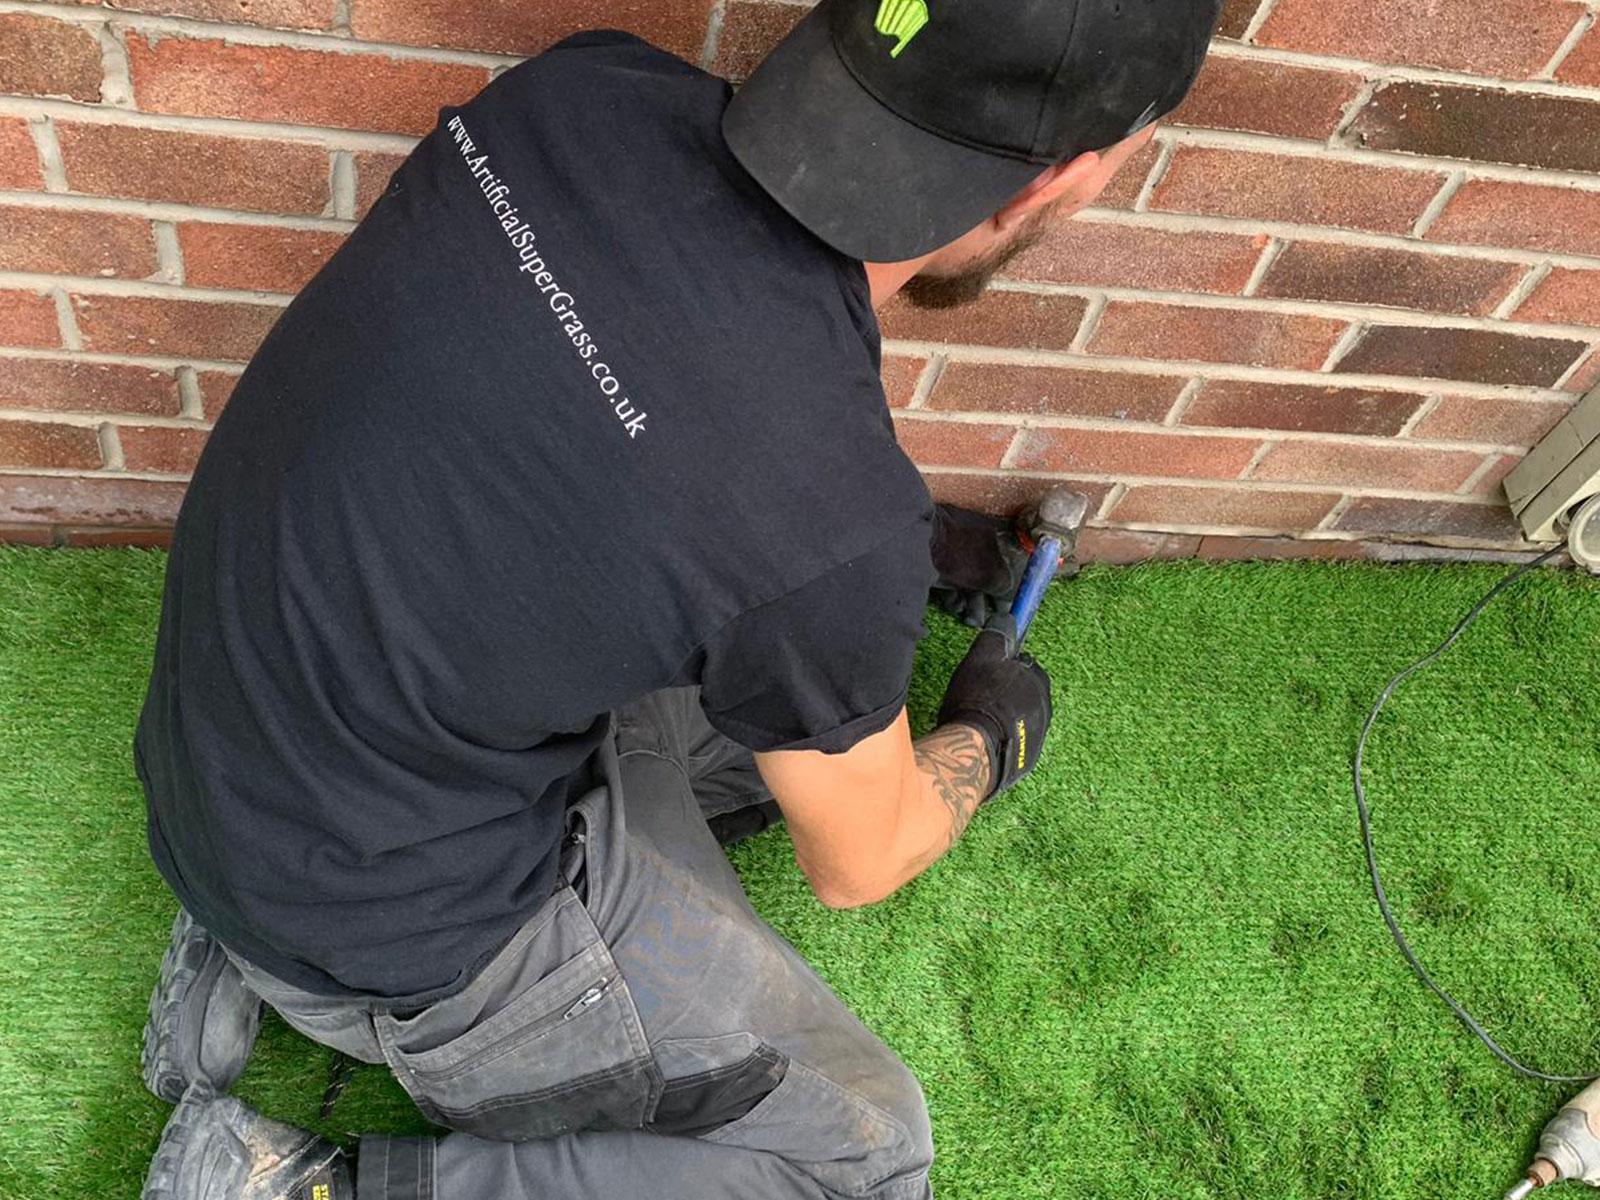 Cheap Fake Grass Sunderland Artificial Super Grass